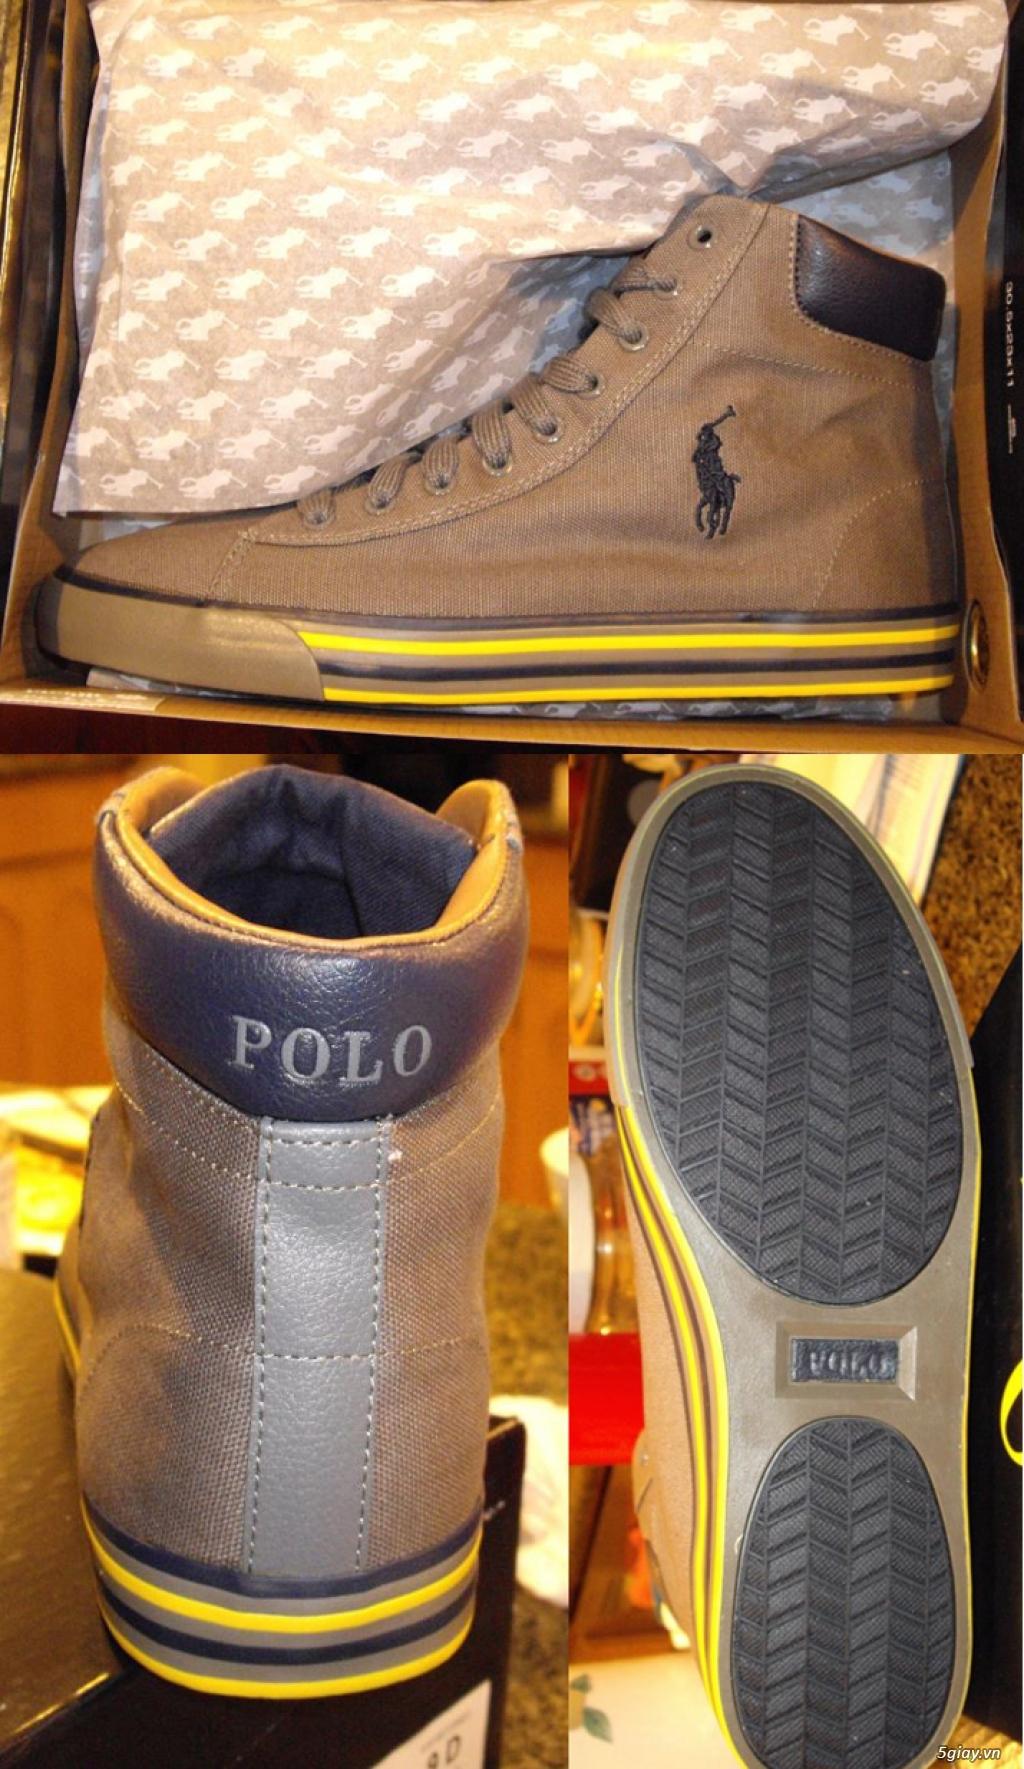 Mình xách/gửi giày Nike, Skechers, Reebok, Polo, Converse, v.v. từ Mỹ. - 53